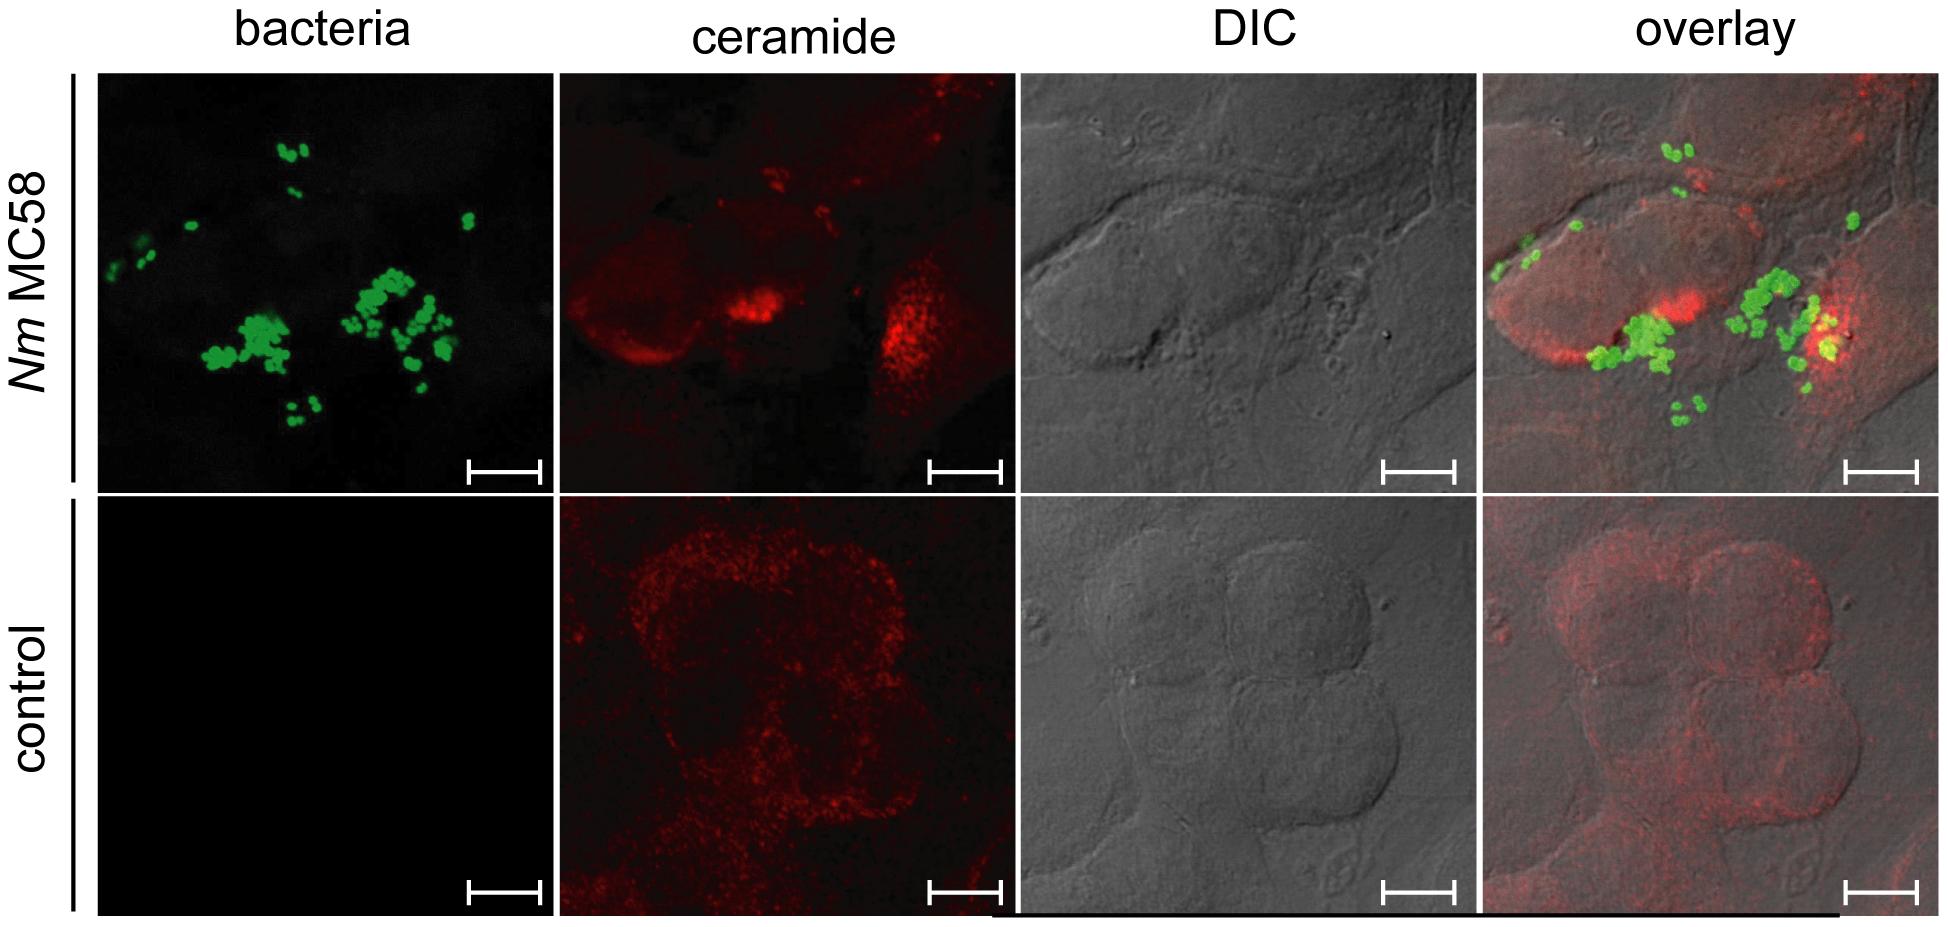 <i>N. meningitidis</i> induces the formation of ceramide-enriched membrane platforms on brain endothelial cells (HBMEC).